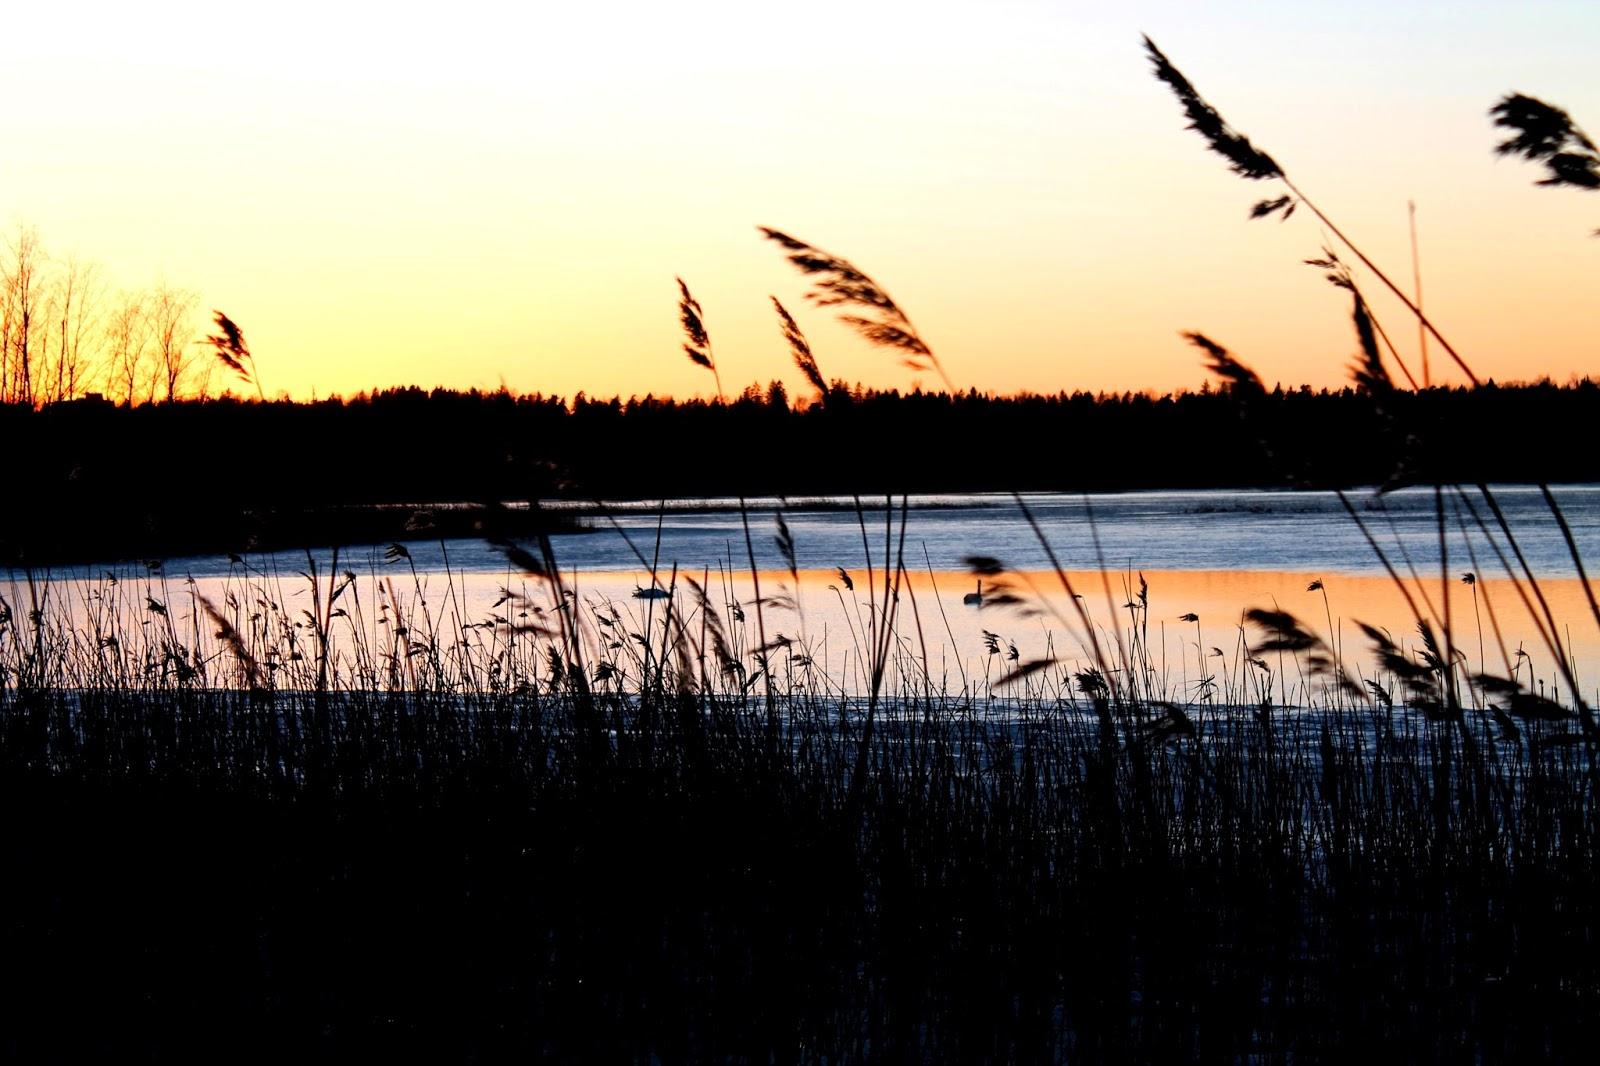 sunset, auringonlasku, skyfall, evening, ilta, morning, twilight, aamu, punainen, red, liukuväri, jää, ice, sea, meri, järvi, lake, river, joki, ranta, beach, olki, kaisla, puu, tree, sun, aurinko, syksy, talvi, kevät, autumn, fall, winter, spring